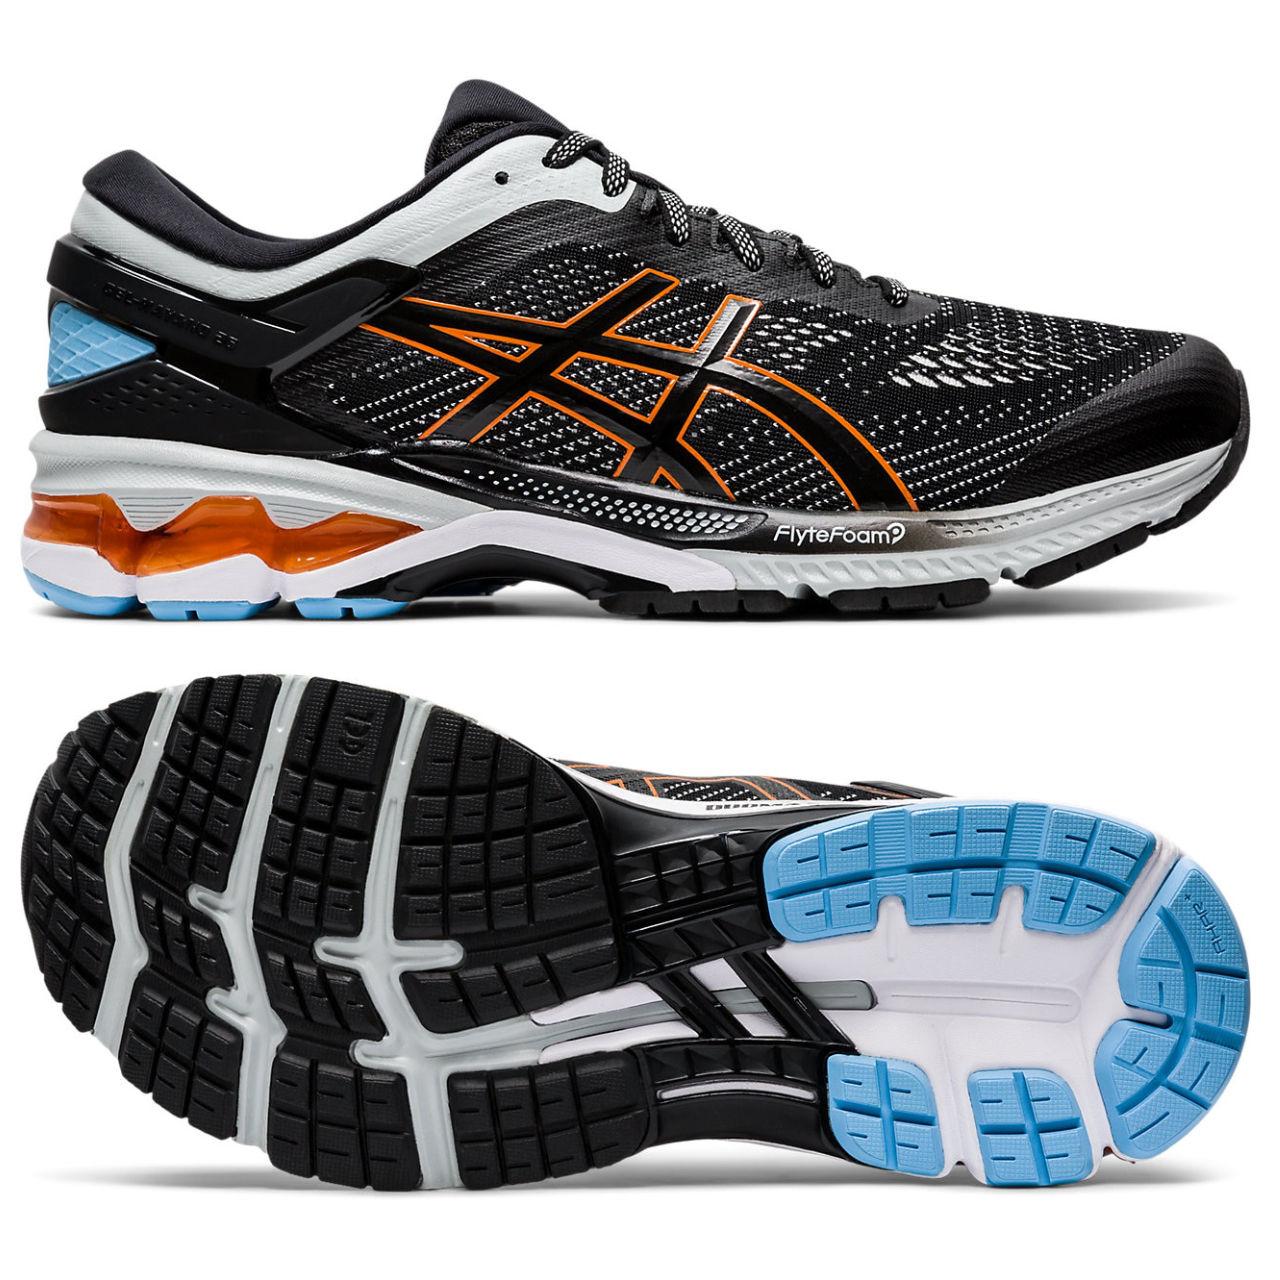 Asics Gel-Kayano 26 Mens Running Shoes - Black, 8 UK